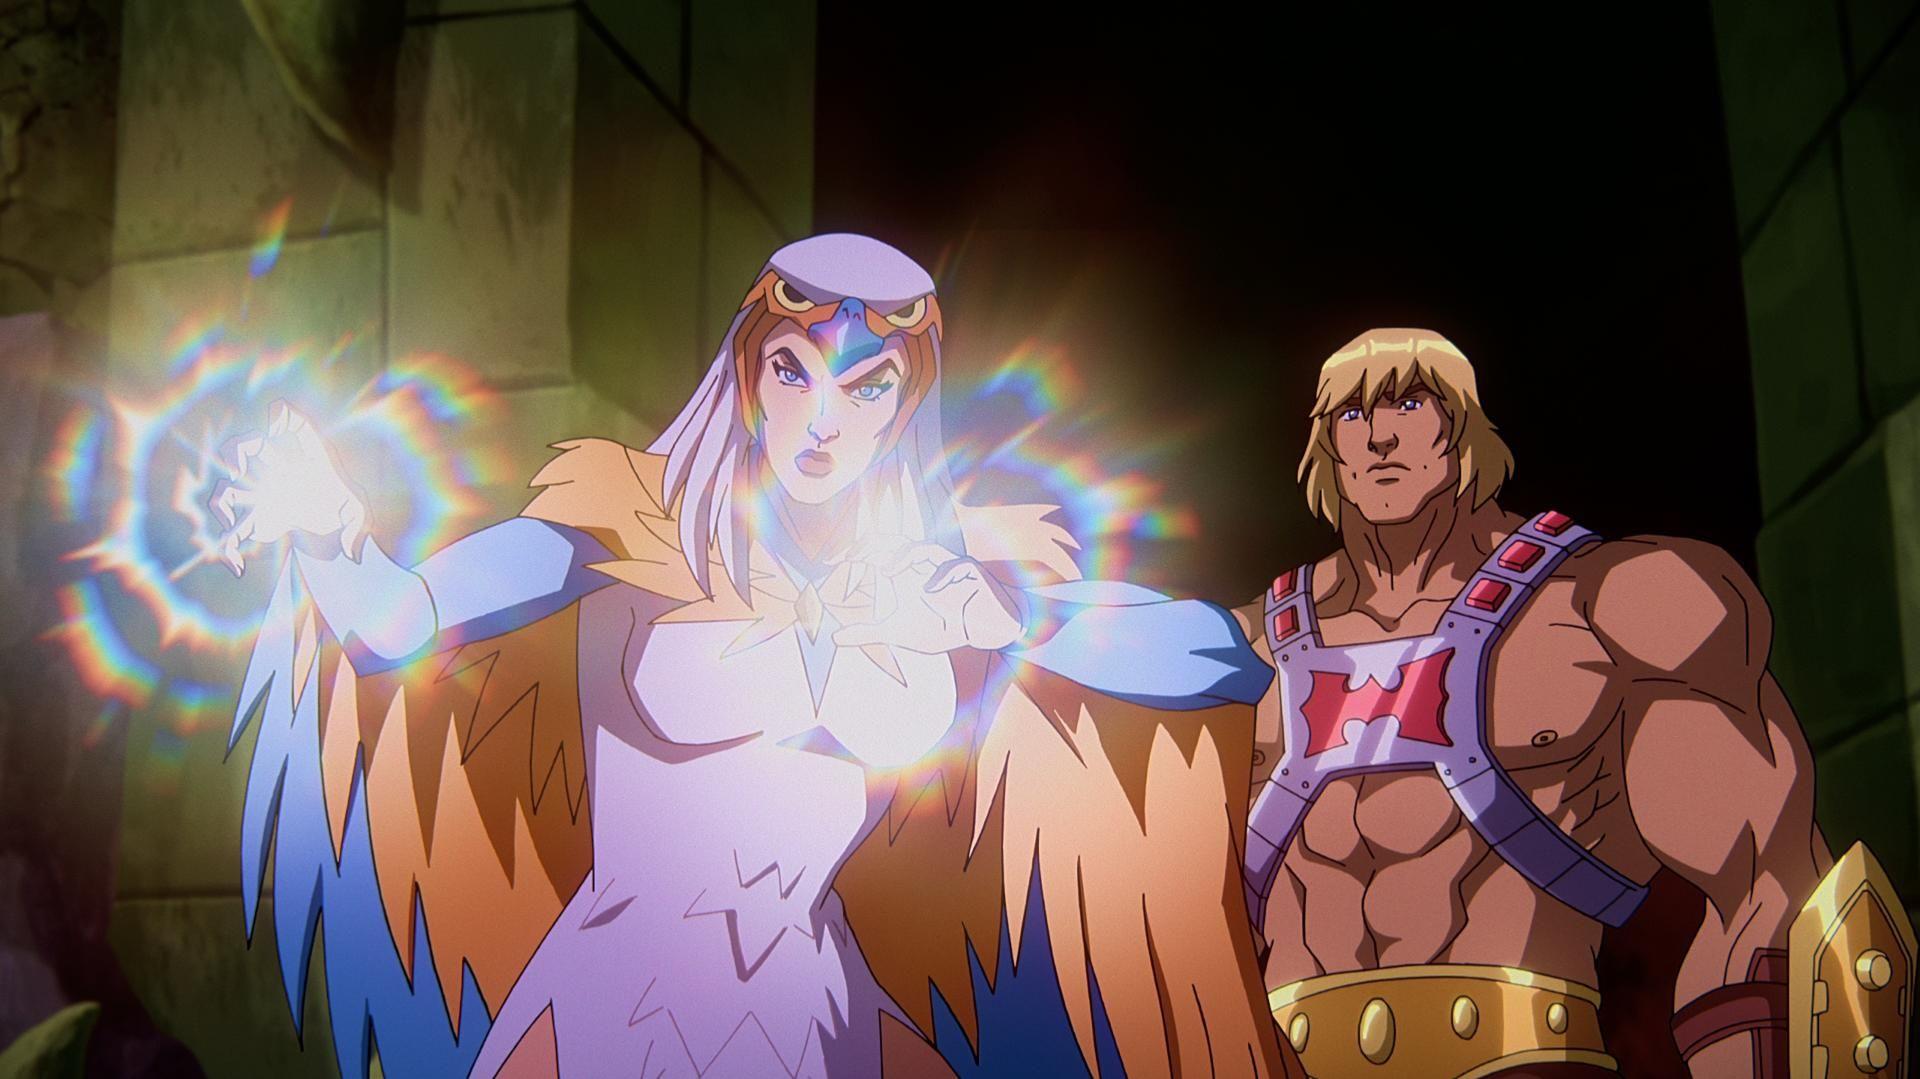 Mestres do Universo: Imagens de análise inicial revelam He-Man e Skeletor 7